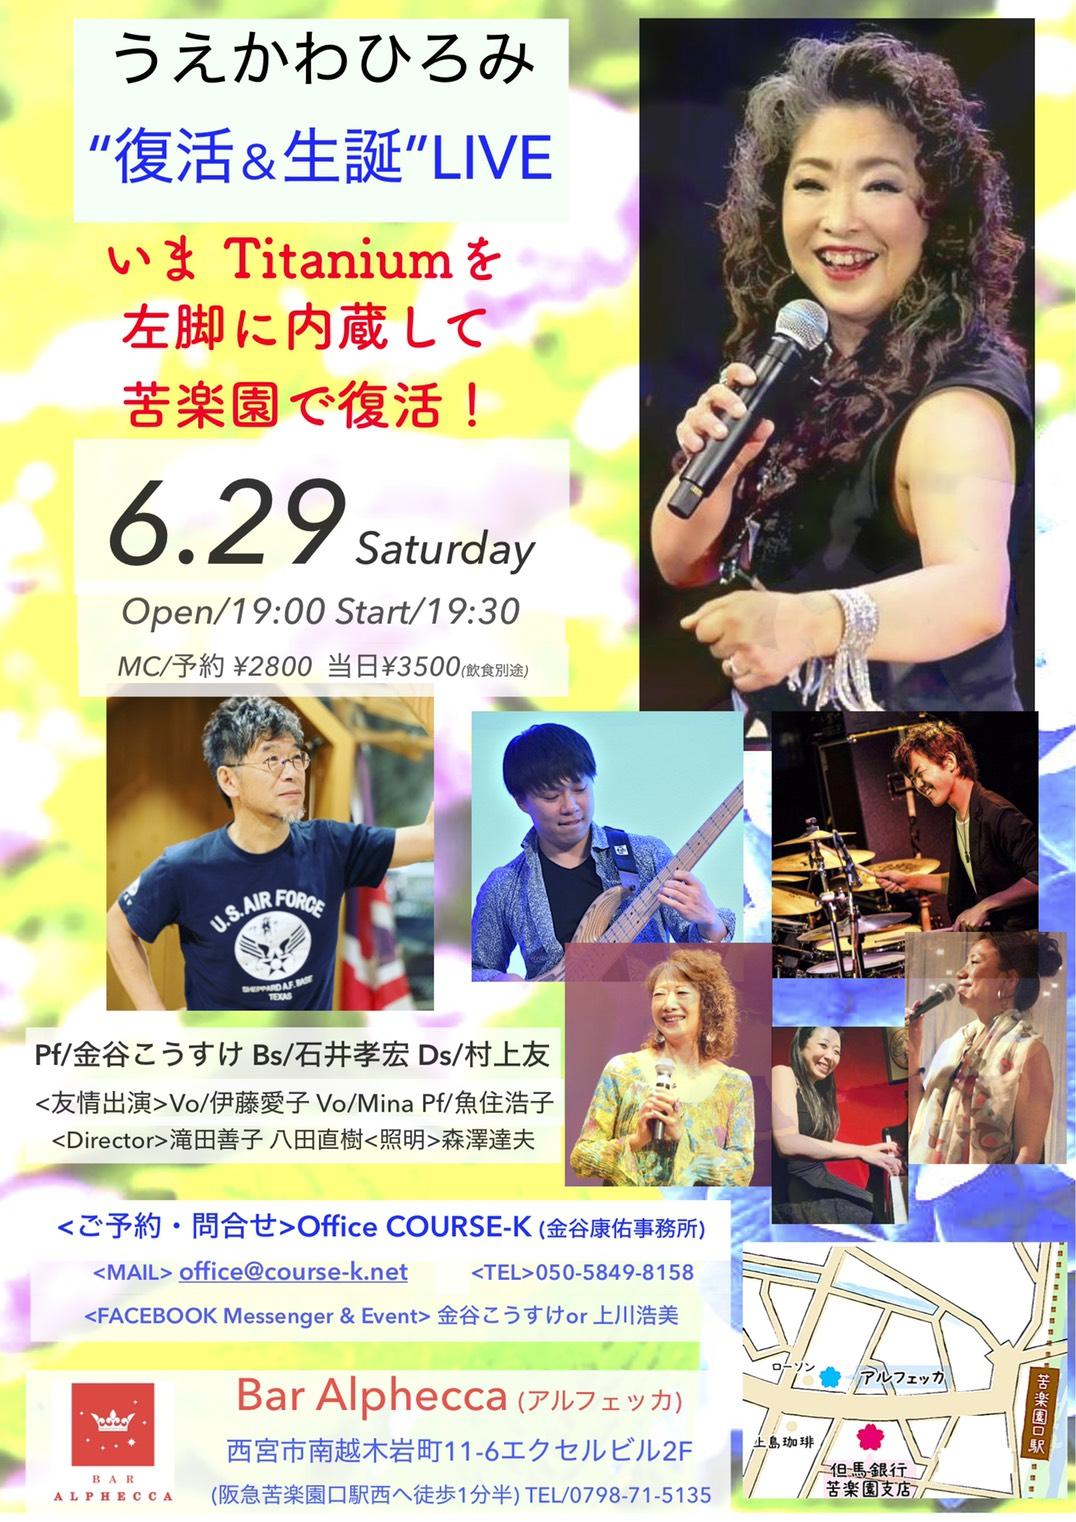 6月29日(土)アルフェッカ(苦楽園)うえかわひろみ復活・生誕ライブ